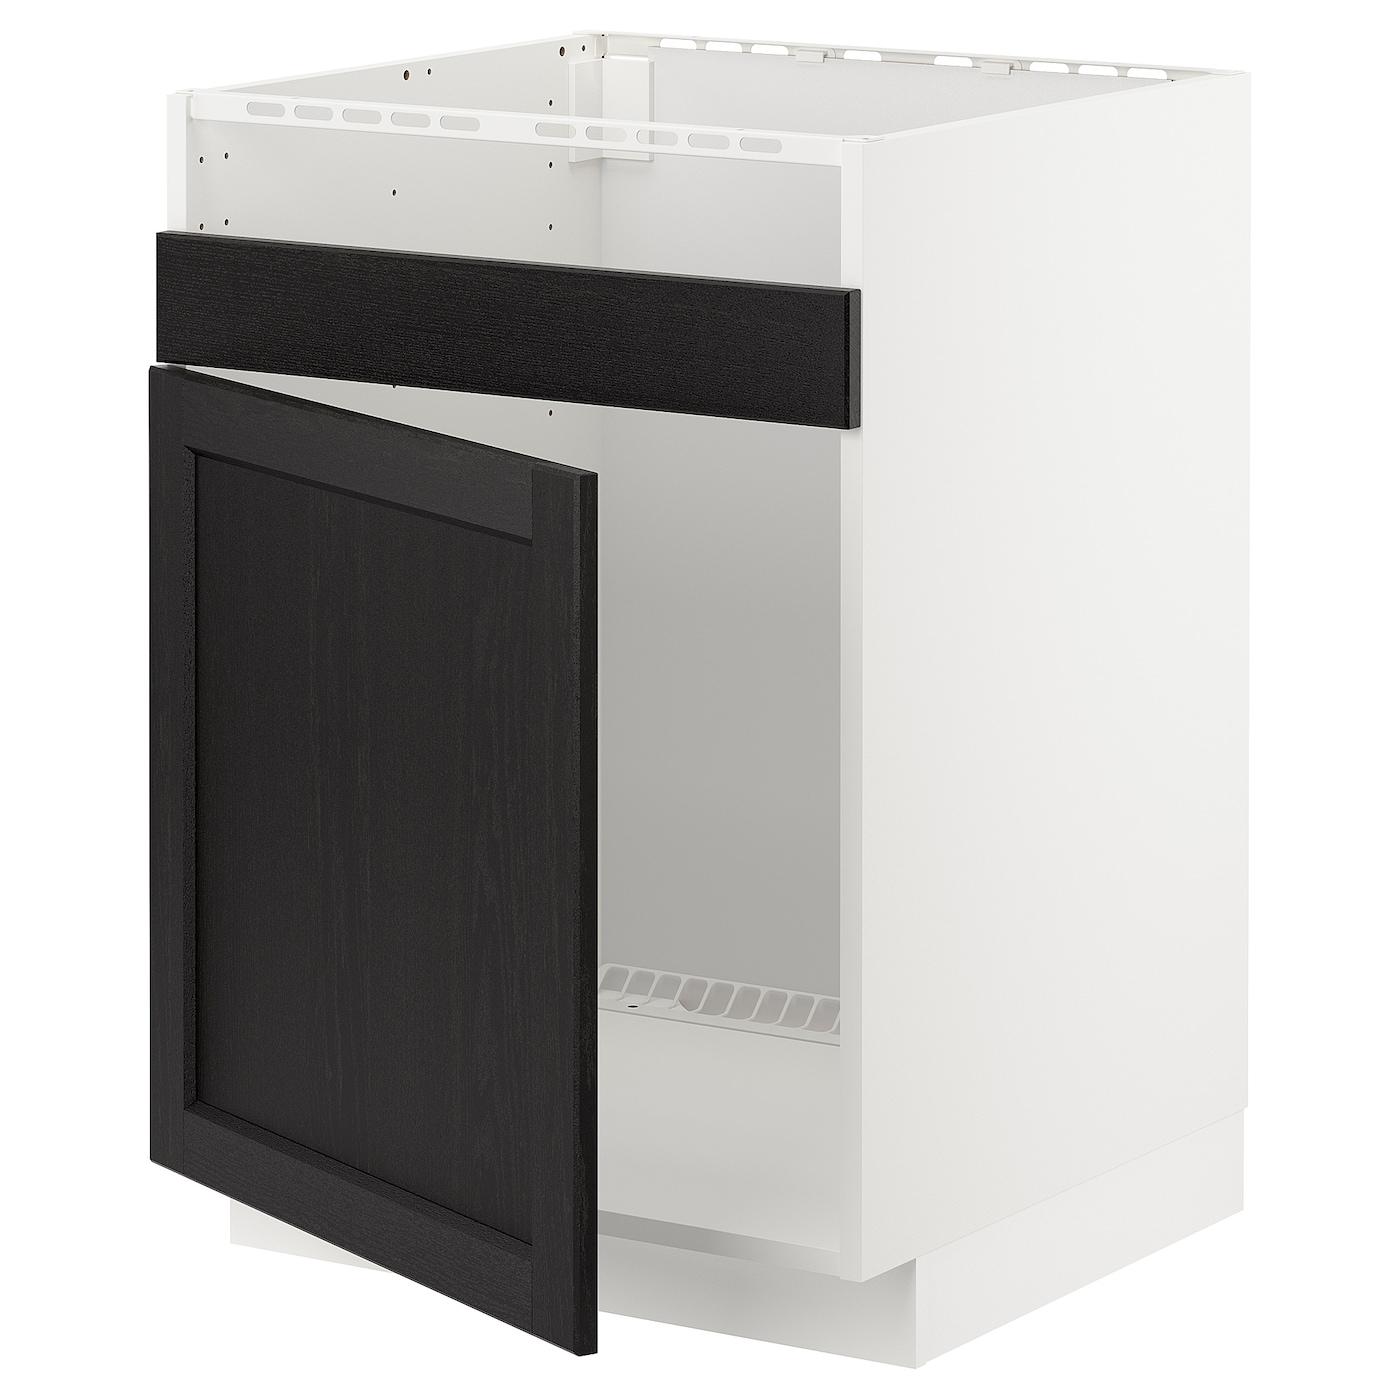 Unterschrank küche roller  roller Küchen-Unterschränke online kaufen | Möbel-Suchmaschine ...